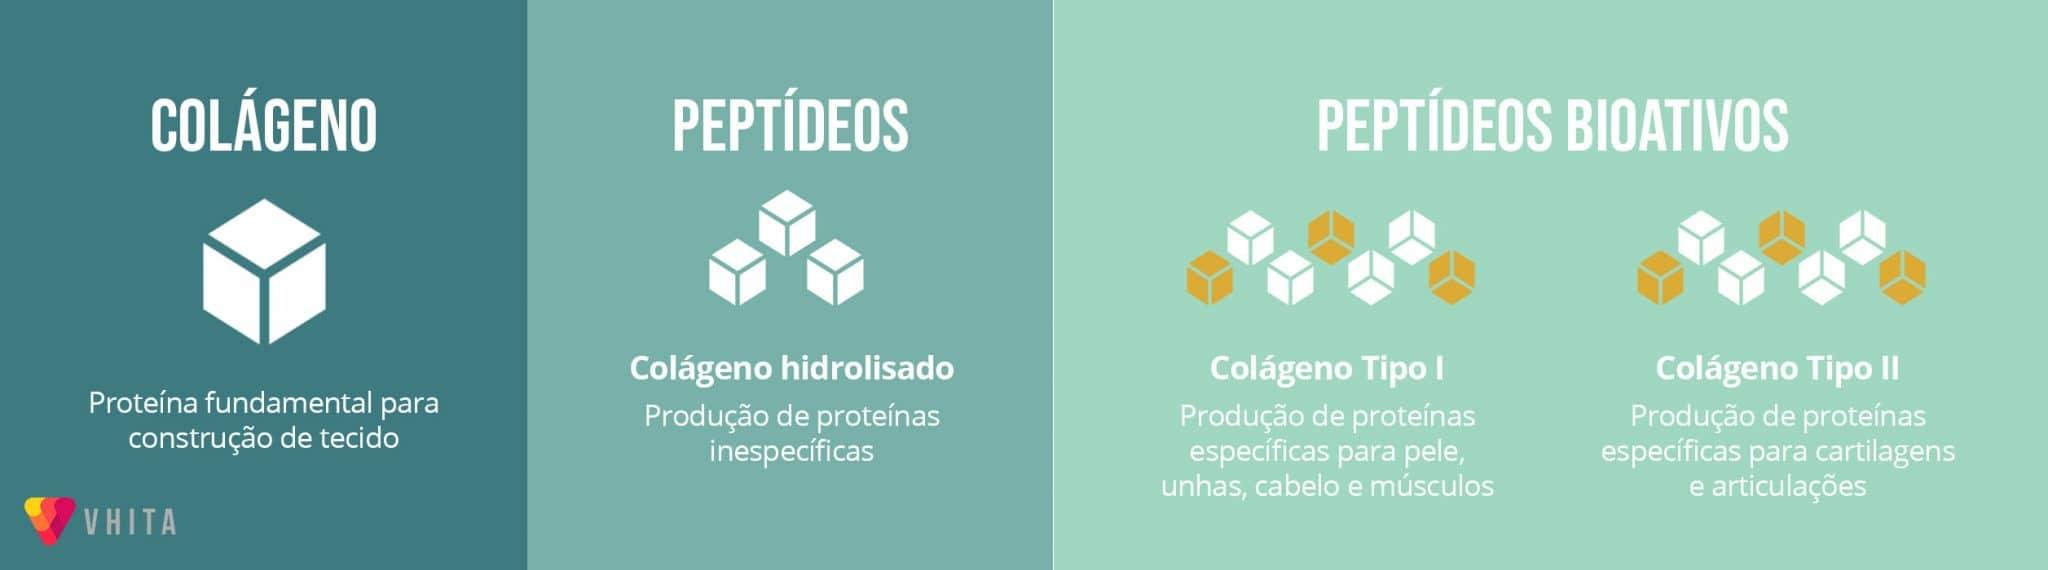 Colageno e peptídeos bioativos de colágeno.